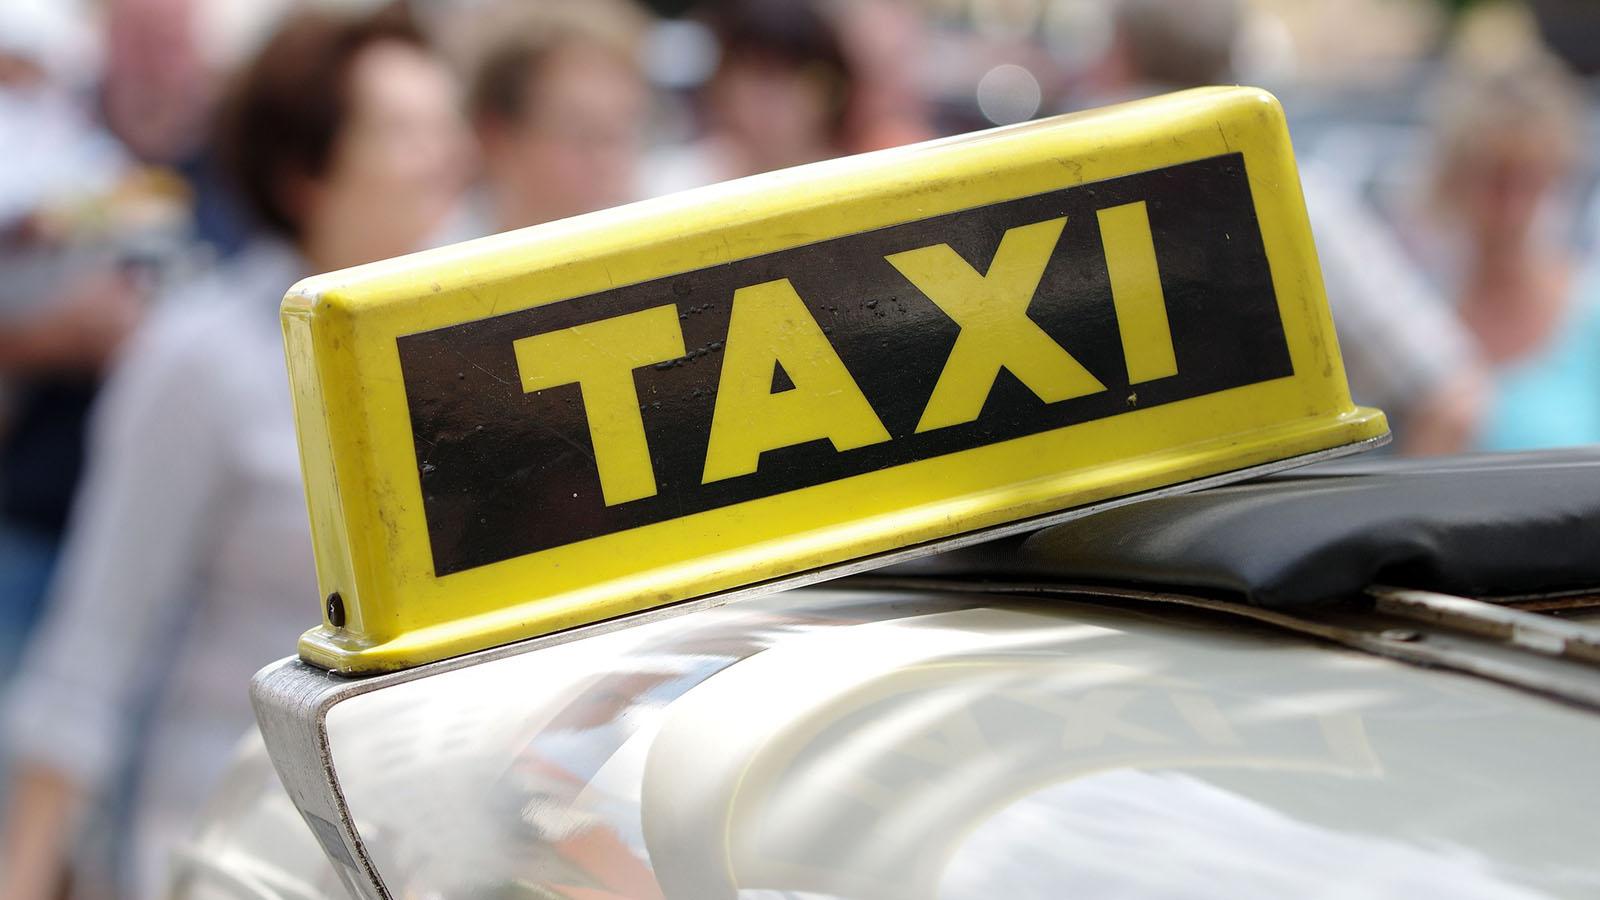 comment-venir-en-taxi-notredamedemonts